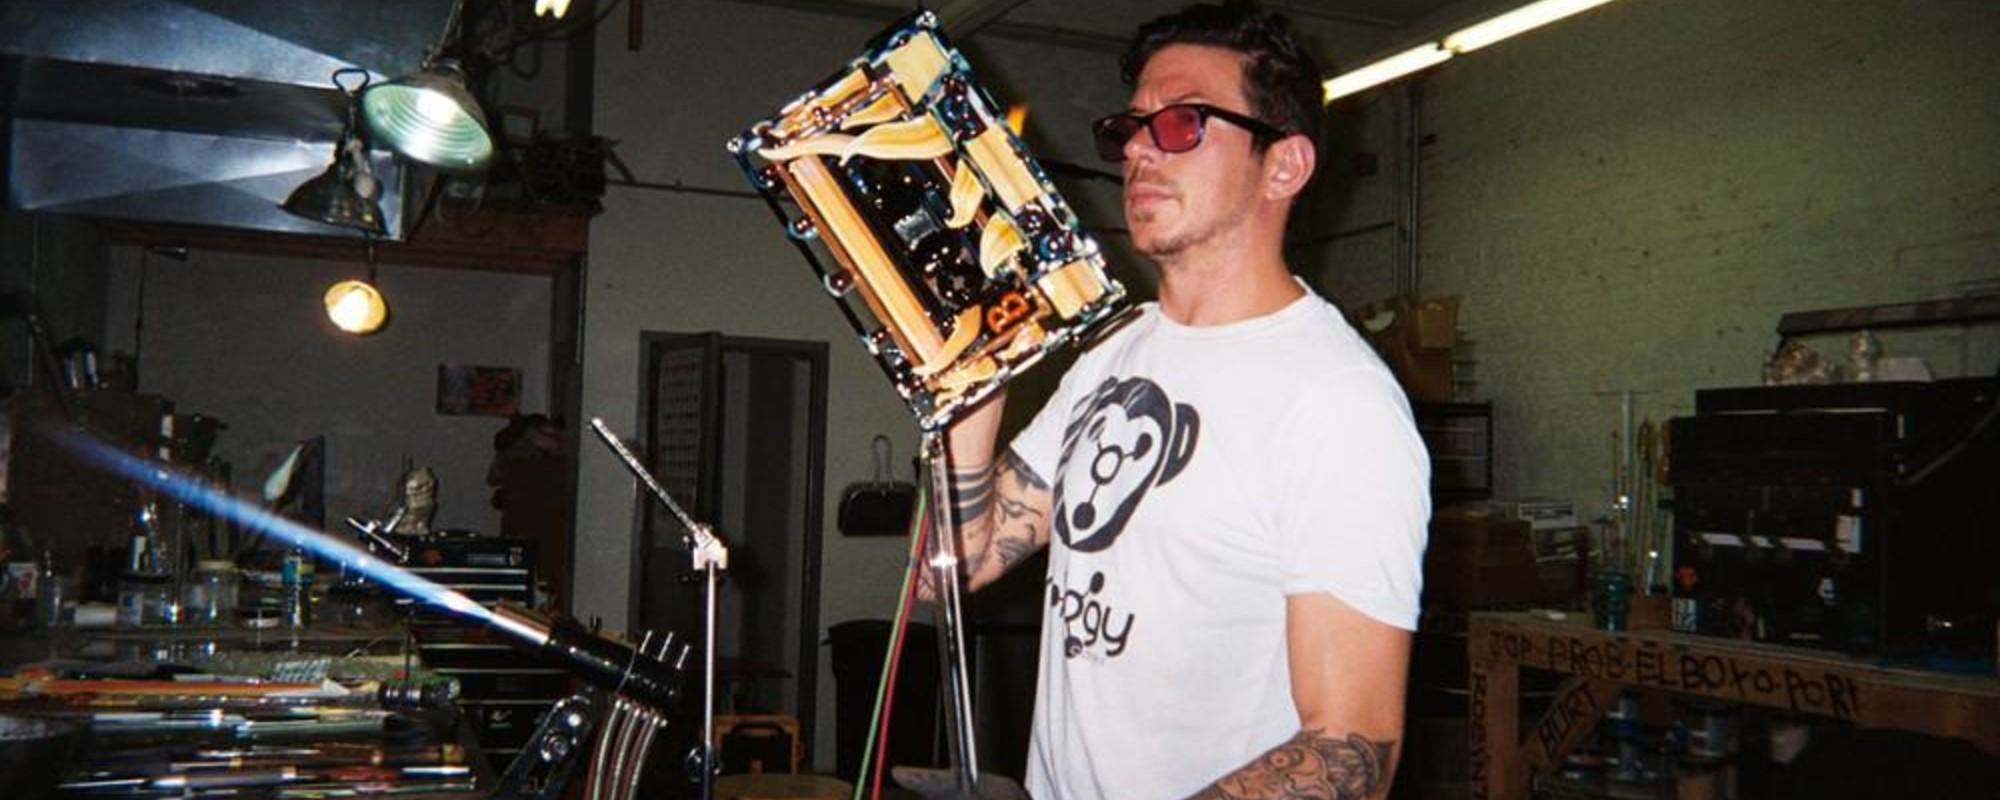 Dentro del estudio de un artista que hace lujosas pipas de vidrio